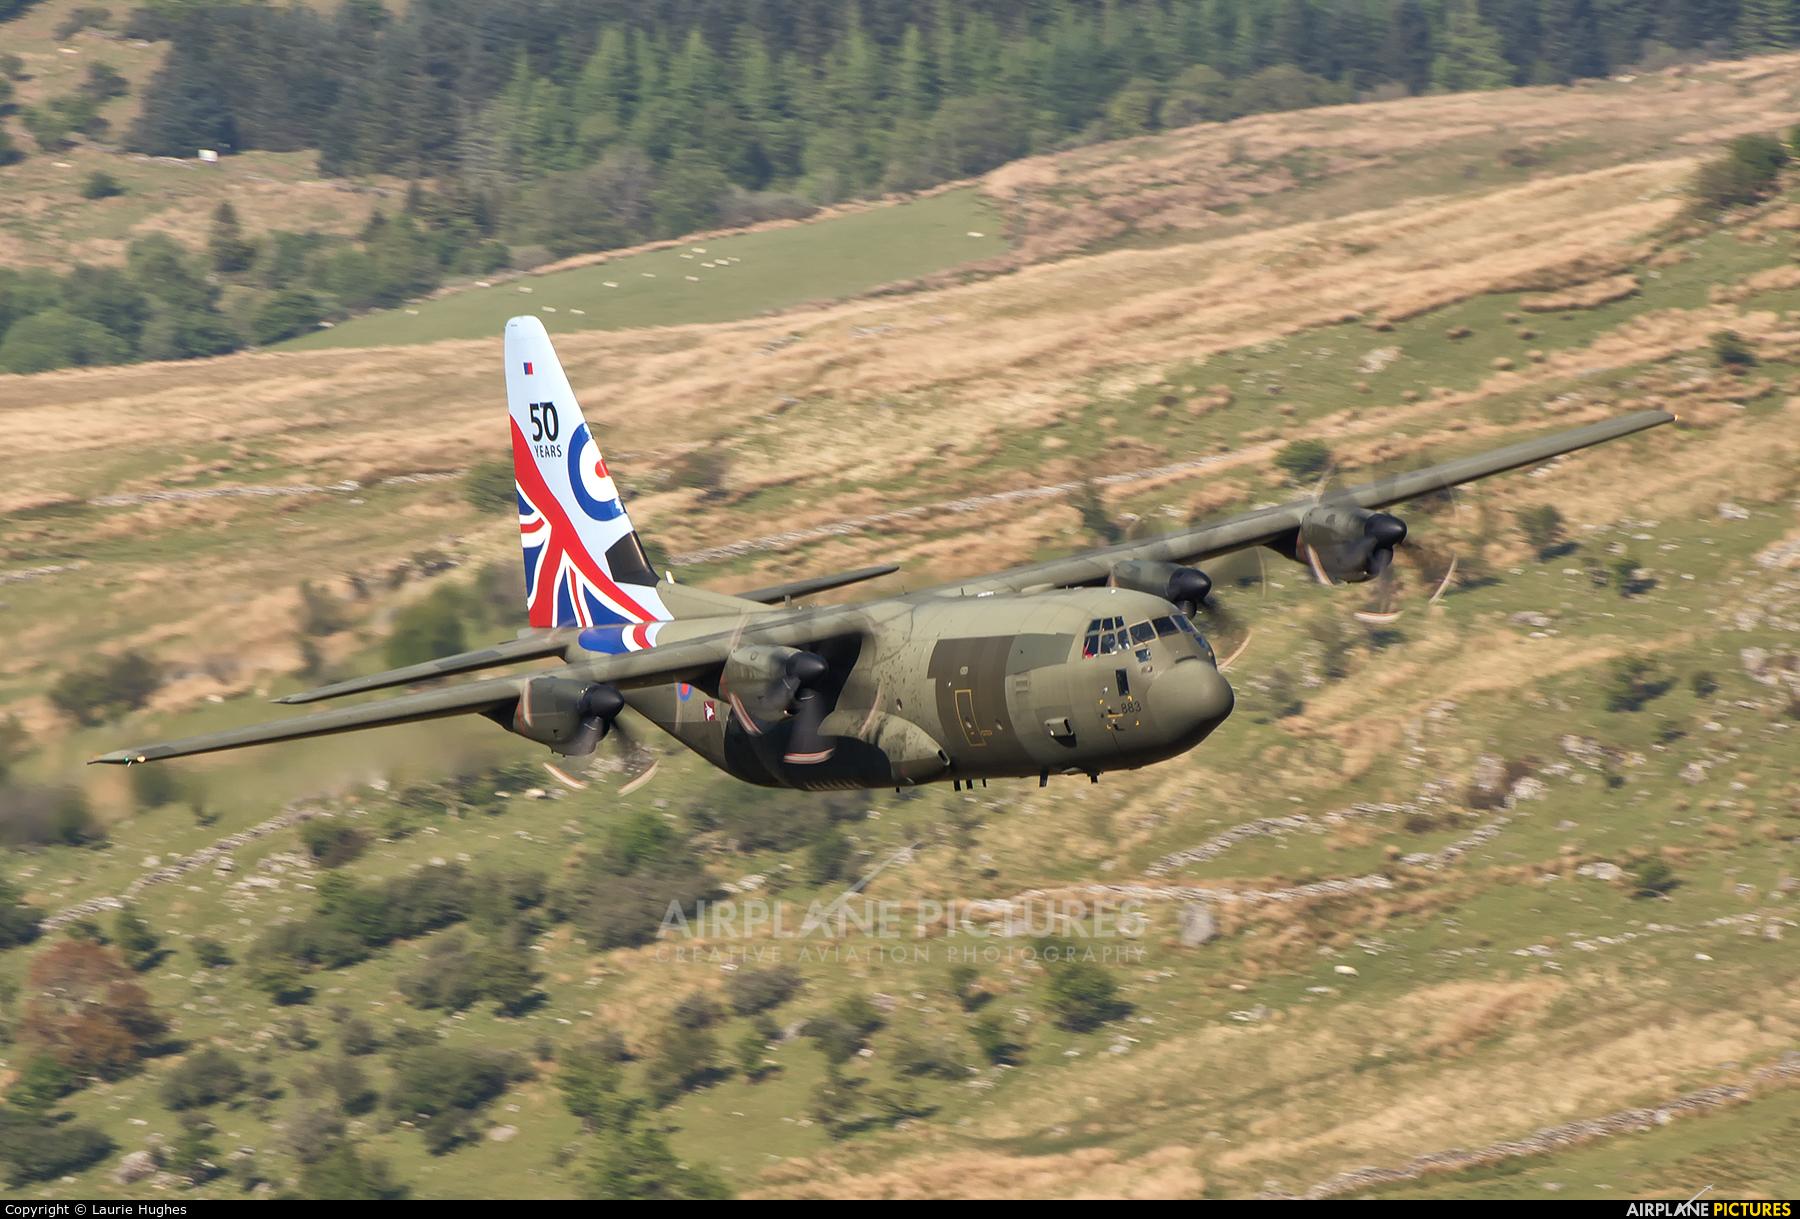 Royal Air Force ZH883 aircraft at Machynlleth Loop - LFA 7